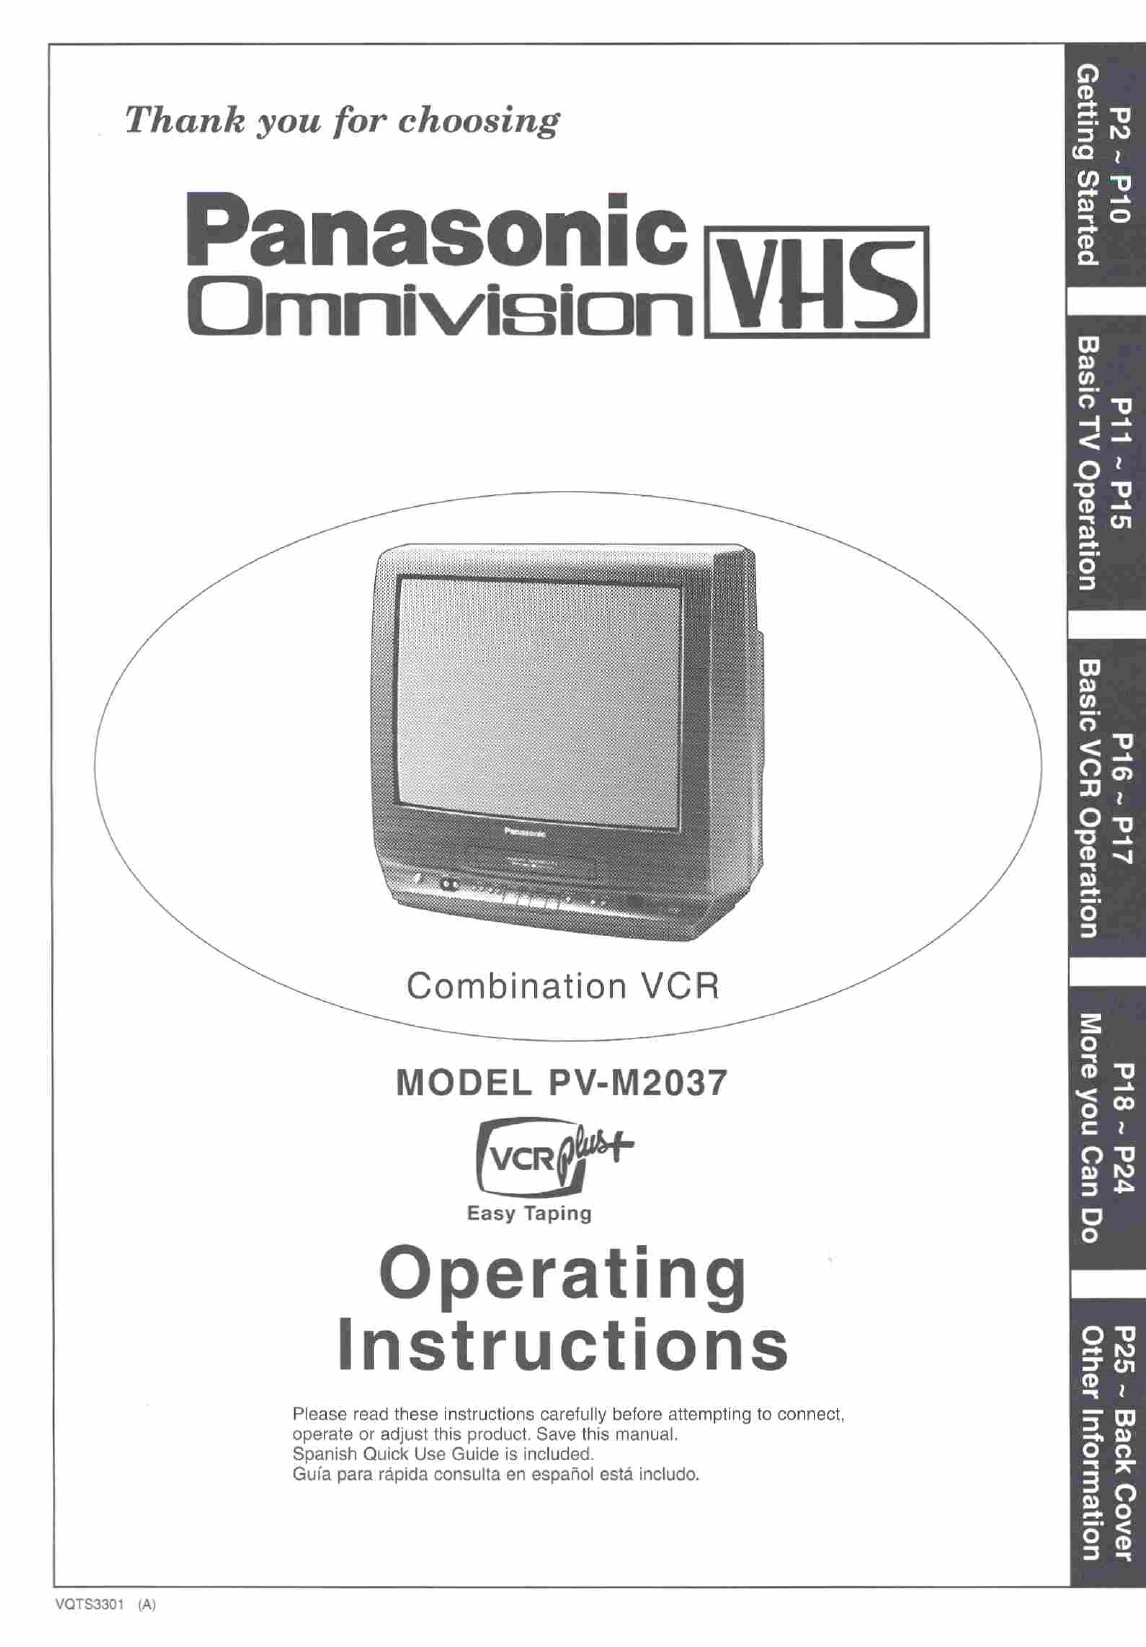 panasonic tv vcr combo pv m2037 user guide manualsonline com rh tv manualsonline com Manual Panasonic Radio Manual Panasonic Radio